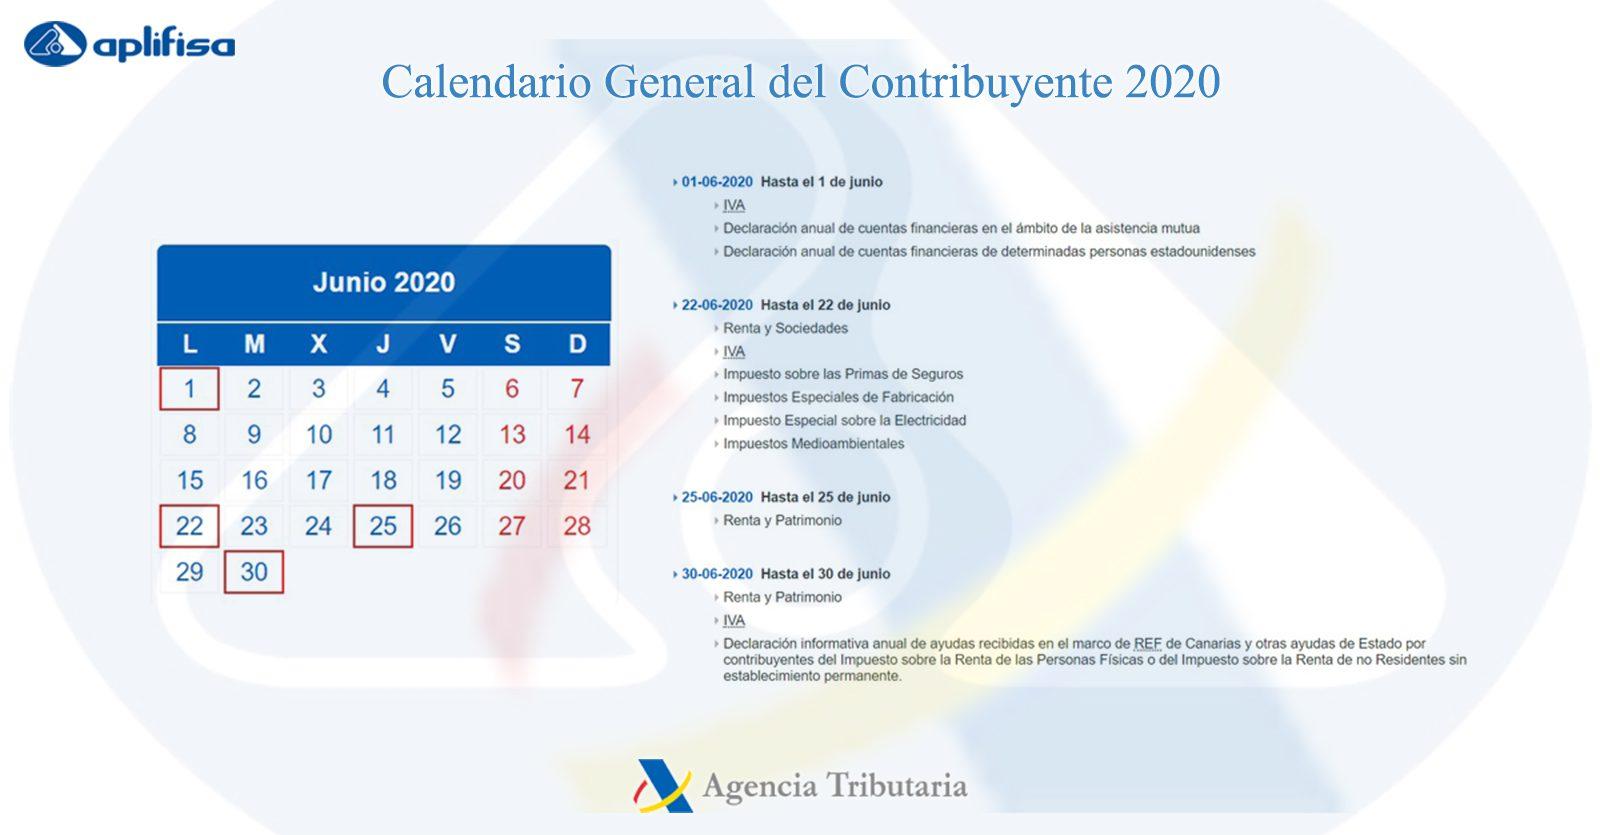 Calendario del Contribuyente de junio 2020